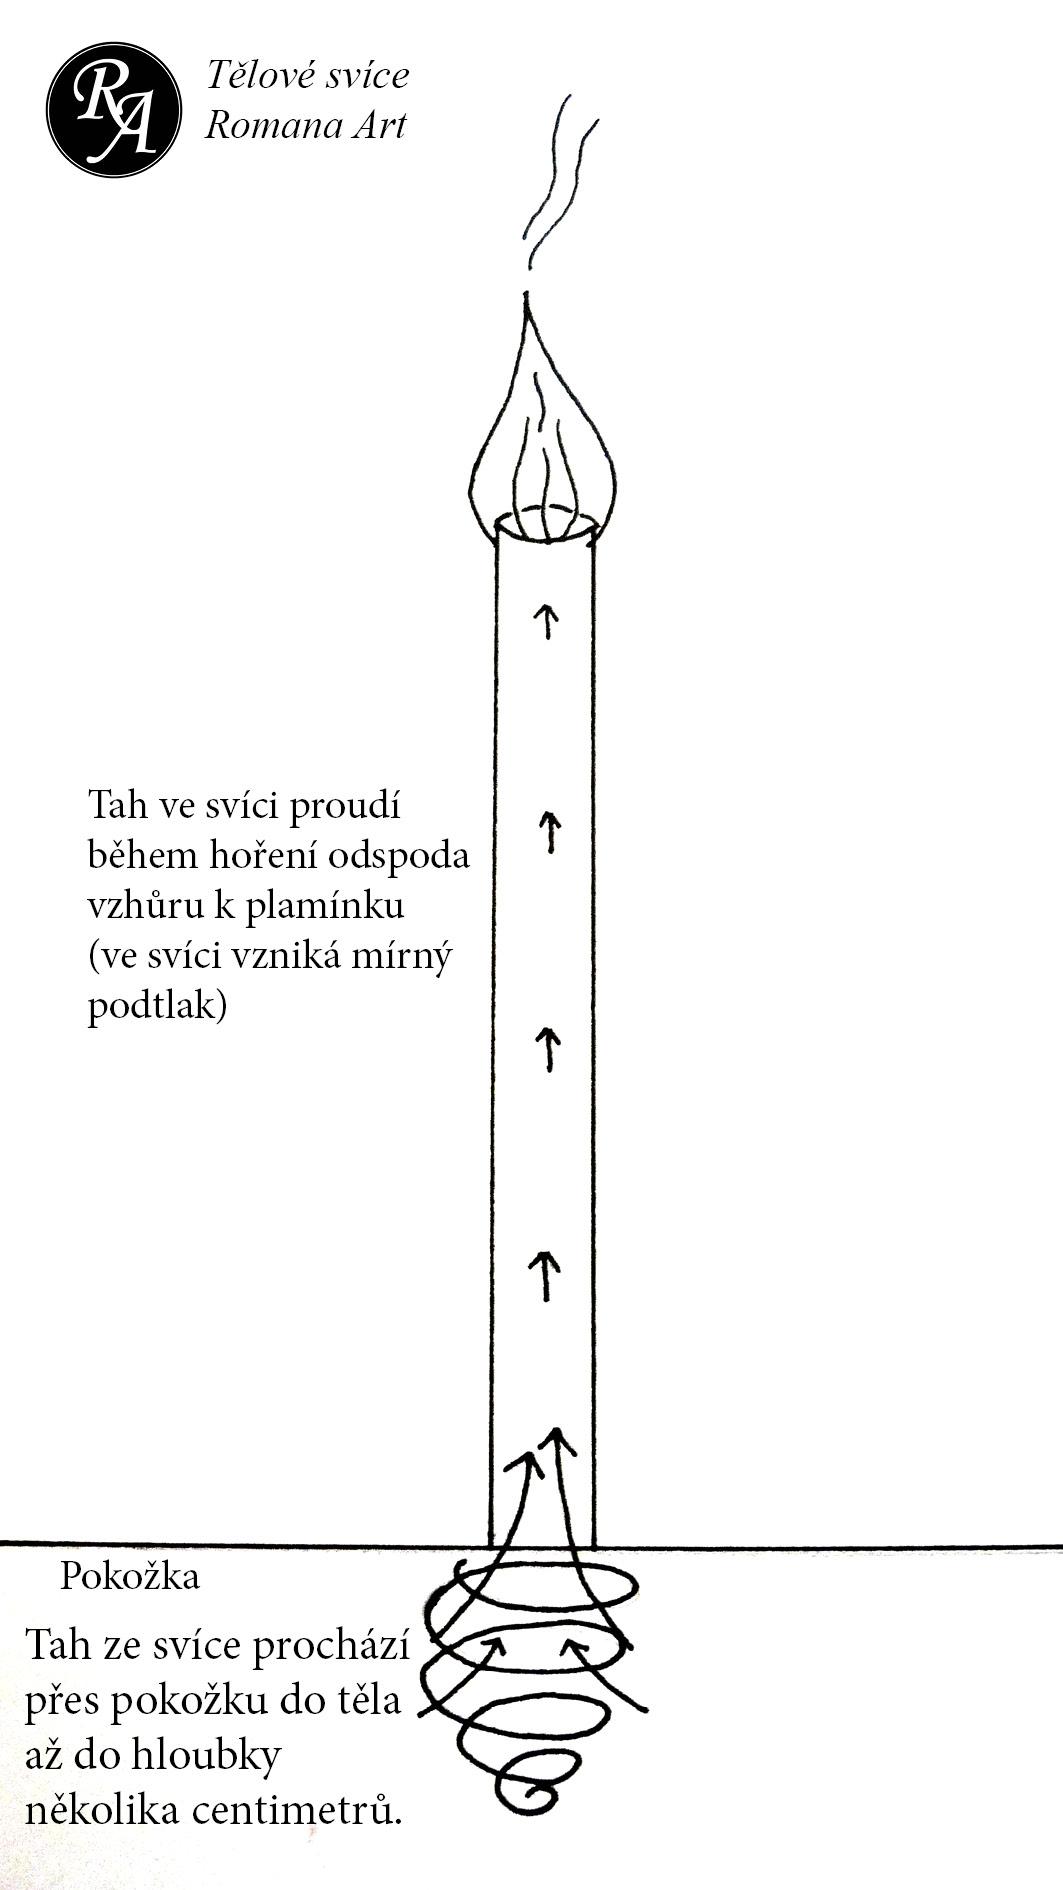 Jak funguje tělová svíce